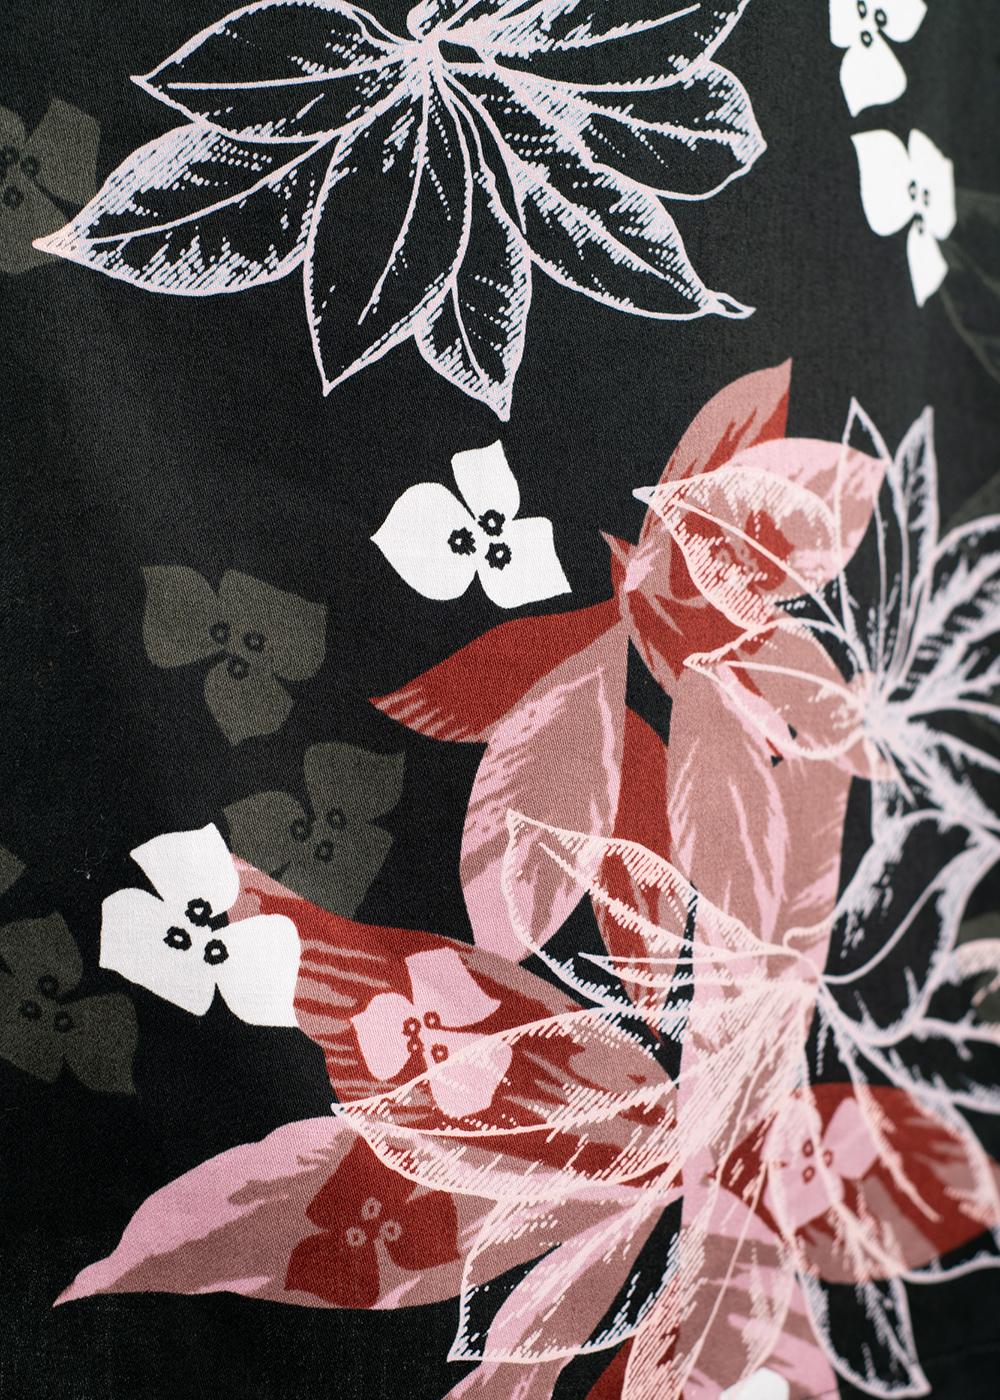 かりゆしウェア(沖縄版アロハシャツ) MAJUN - クロノエリーフ(ワンピース)